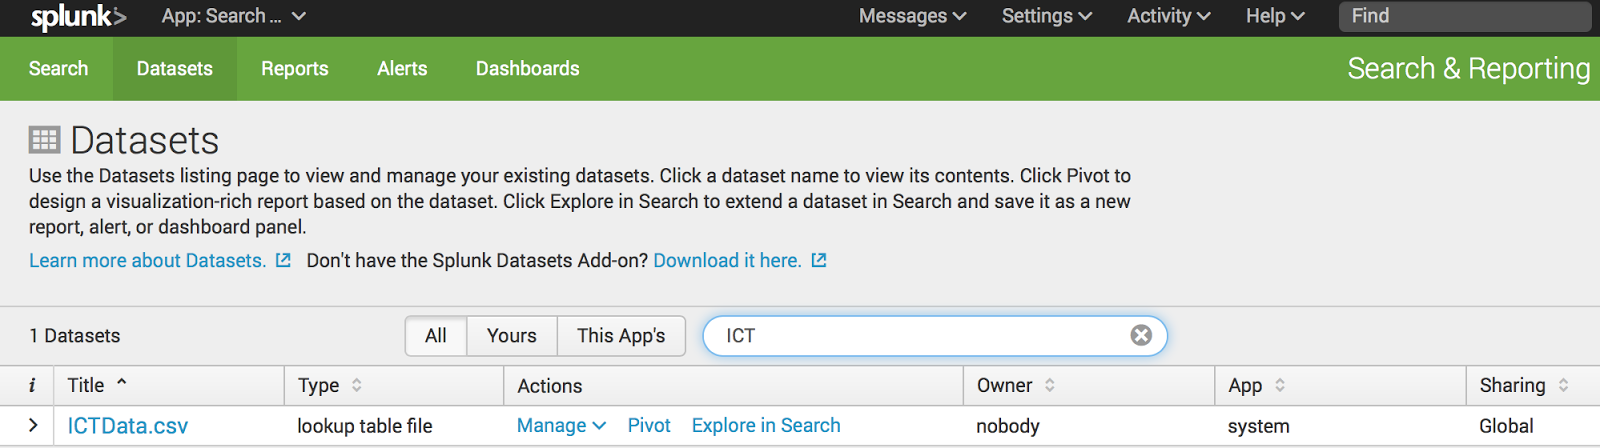 tinyINPUT: Splunk - Public Dataset Fun